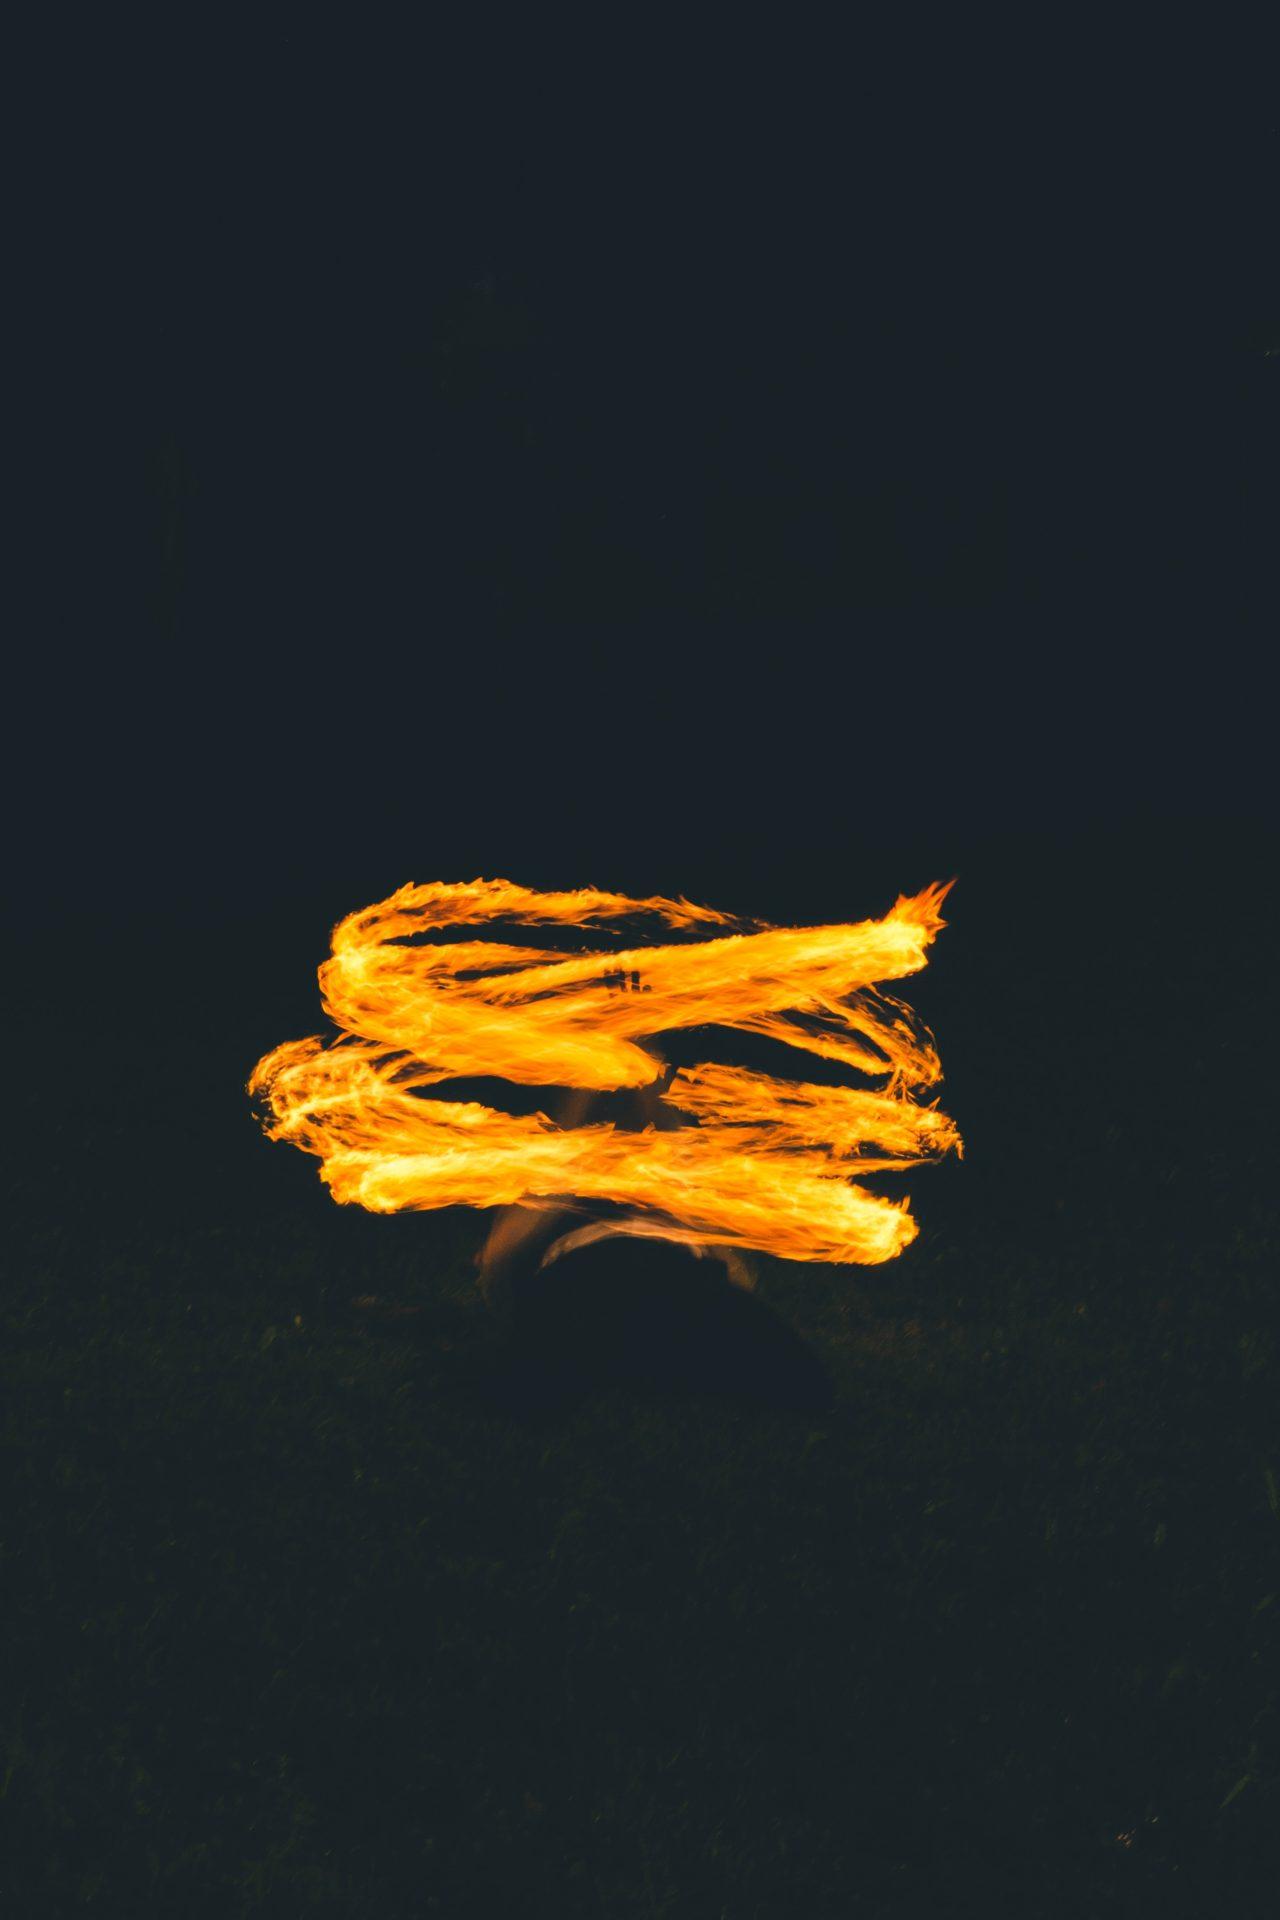 resourceを表す象徴の炎